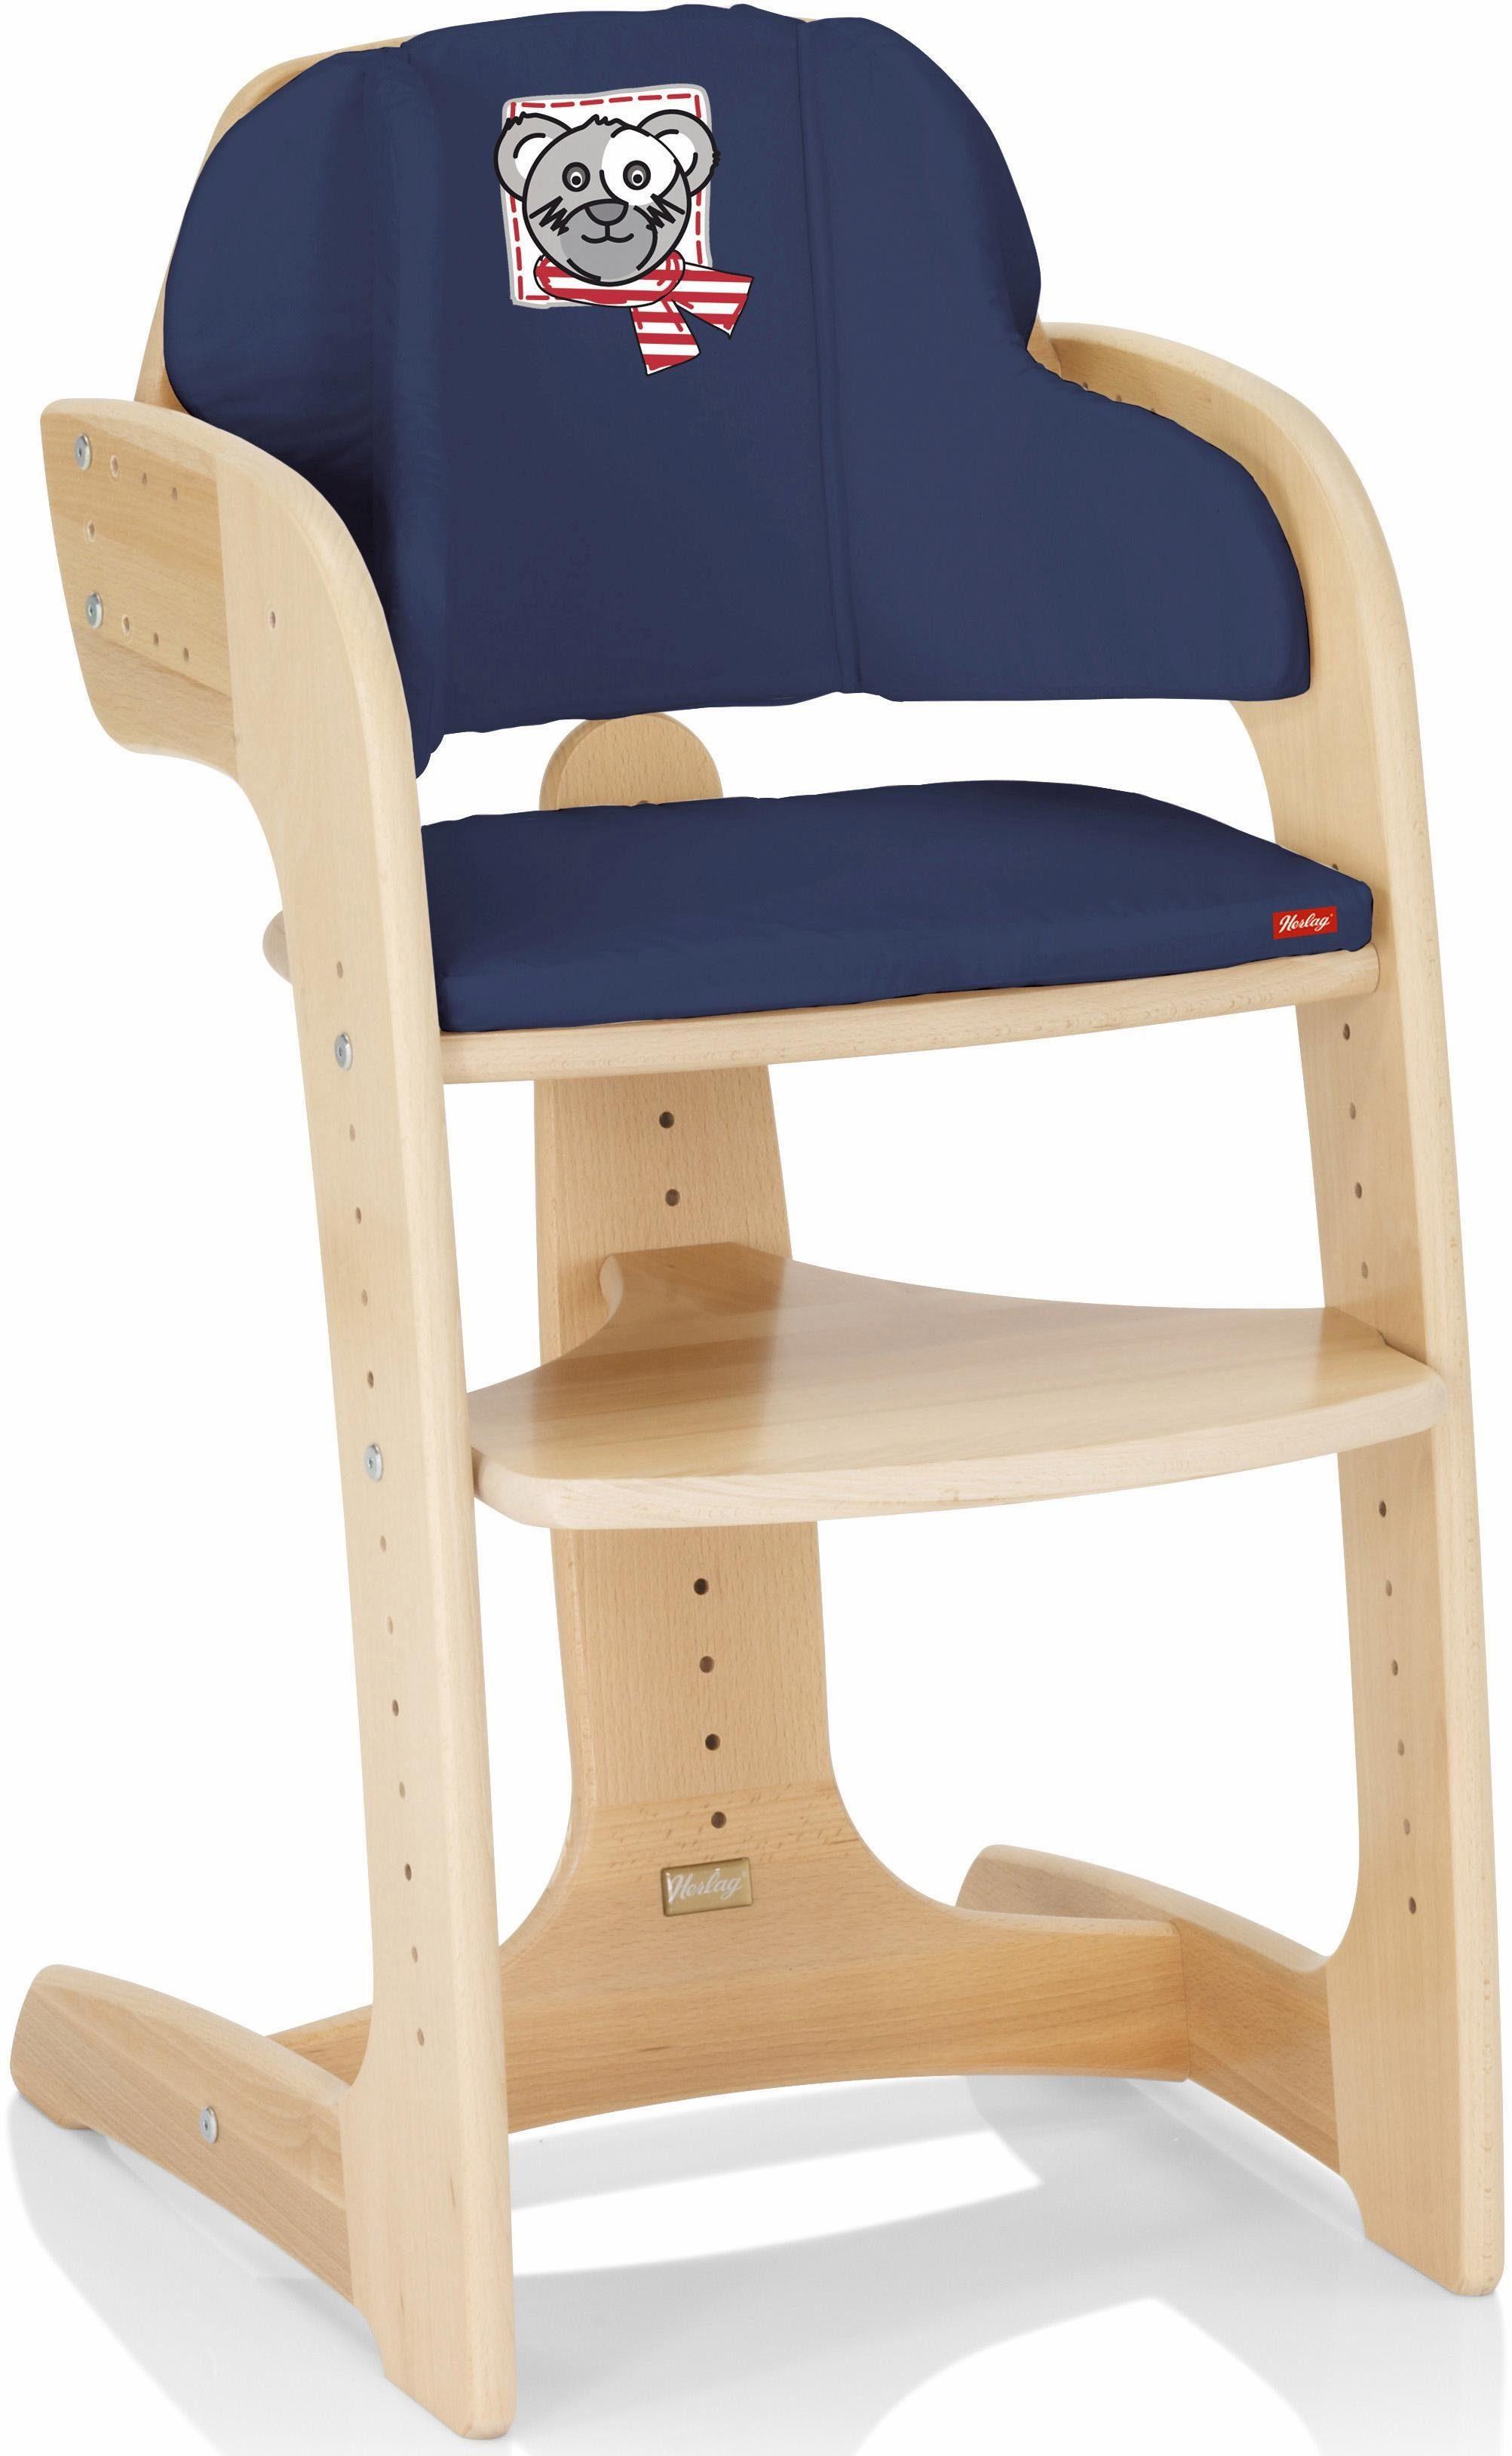 Herlag® Sitzpolster für Hochstuhl Tipp Topp Comfort IV, »marine«